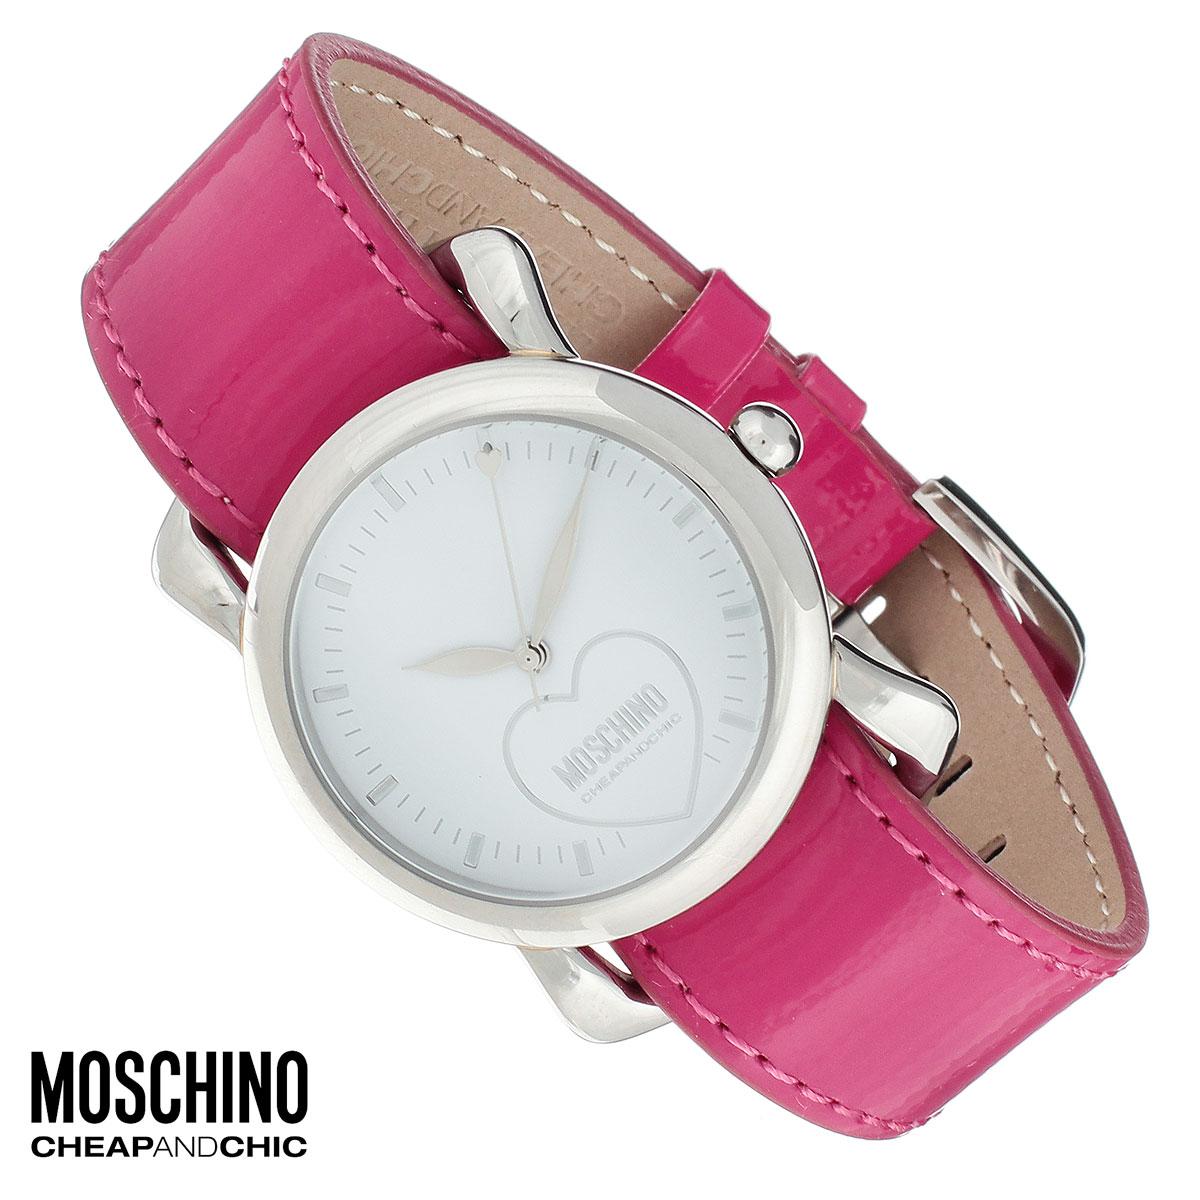 Часы женские наручные Moschino, цвет: розовый, бежевый. MW0475BM8434-58AEНаручные часы от известного итальянского бренда Moschino - это не только стильный и функциональный аксессуар, но и современные технологи, сочетающиеся с экстравагантным дизайном и индивидуальностью. Часы Moschino оснащены кварцевым механизмом. Корпус выполнен из высококачественной нержавеющей стали. Циферблат оформлен сердцем с названием бренда и защищен минеральным стеклом. Часы имеют три стрелки - часовую, минутную и секундную. Часы можно носить как на шелковом фирменном платке, так и на двухстороннем ремешке из натуральной кожи. Платок также можно использовать в качестве самостоятельного аксессуара на шее или украсить им сумочку.Часы упакованы в фирменную металлическую коробку с логотипом бренда. Часы Moschino благодаря своему уникальному дизайну отличаются от часов других марок своеобразными циферблатами, функциональностью, а также набором уникальных технических свойств. Каждой модели присуща легкая экстравагантность, самобытность и, безусловно, великолепный вкус. Характеристики: Диаметр циферблата: 2,8 см.Размер корпуса: 3,5 см х 4,7 см х 0,8 см.Длина ремешка (с корпусом): 22,5 см.Ширина ремешка: 1,8 см. Размер платка: 50 см х 50 см.